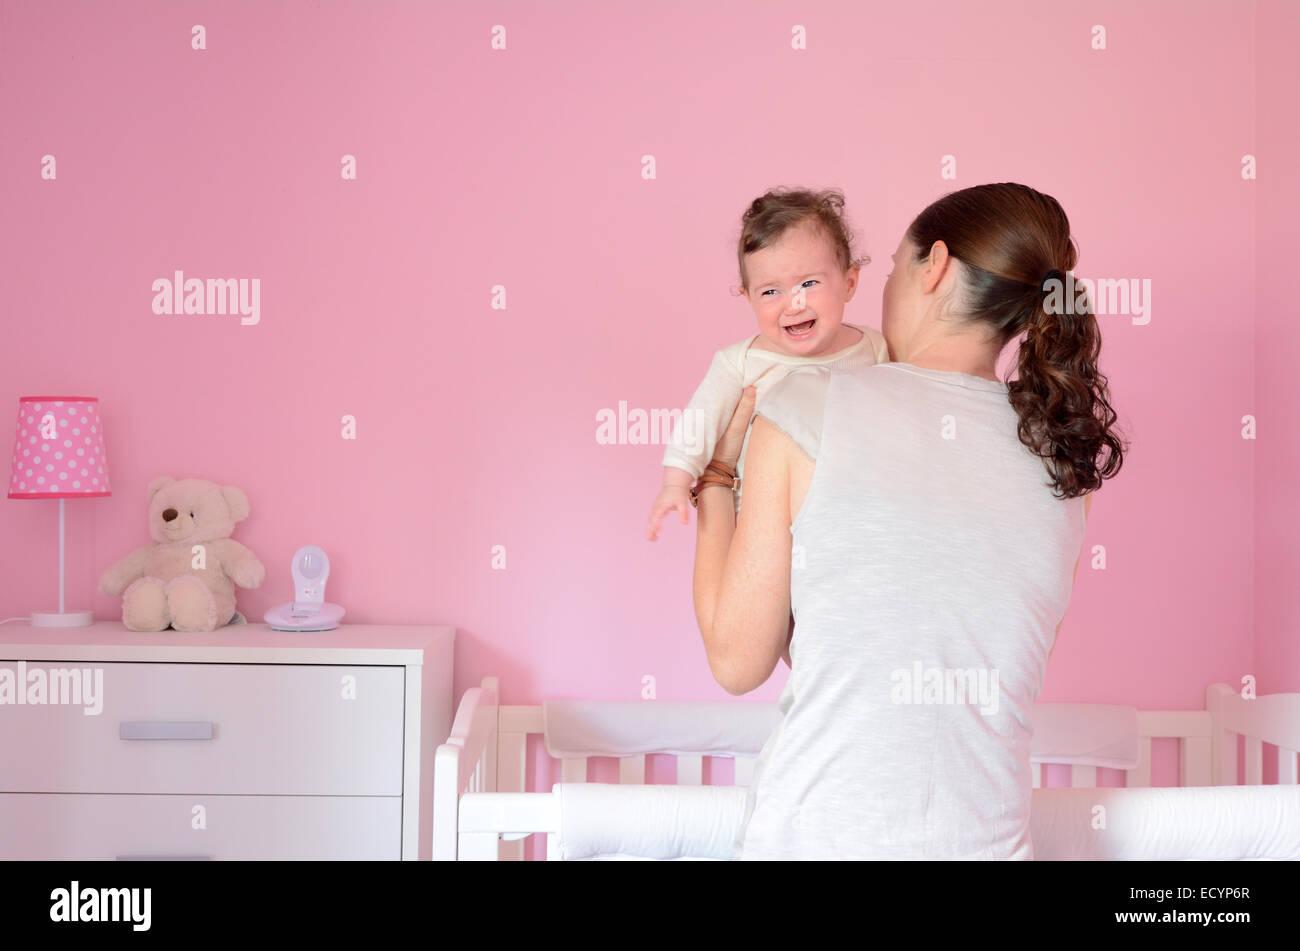 Junge Mutter setzt ihr Baby (Alter des Mädchens 06 Monate) zu schlafen, während sie schreit. Konzept Foto Stockbild